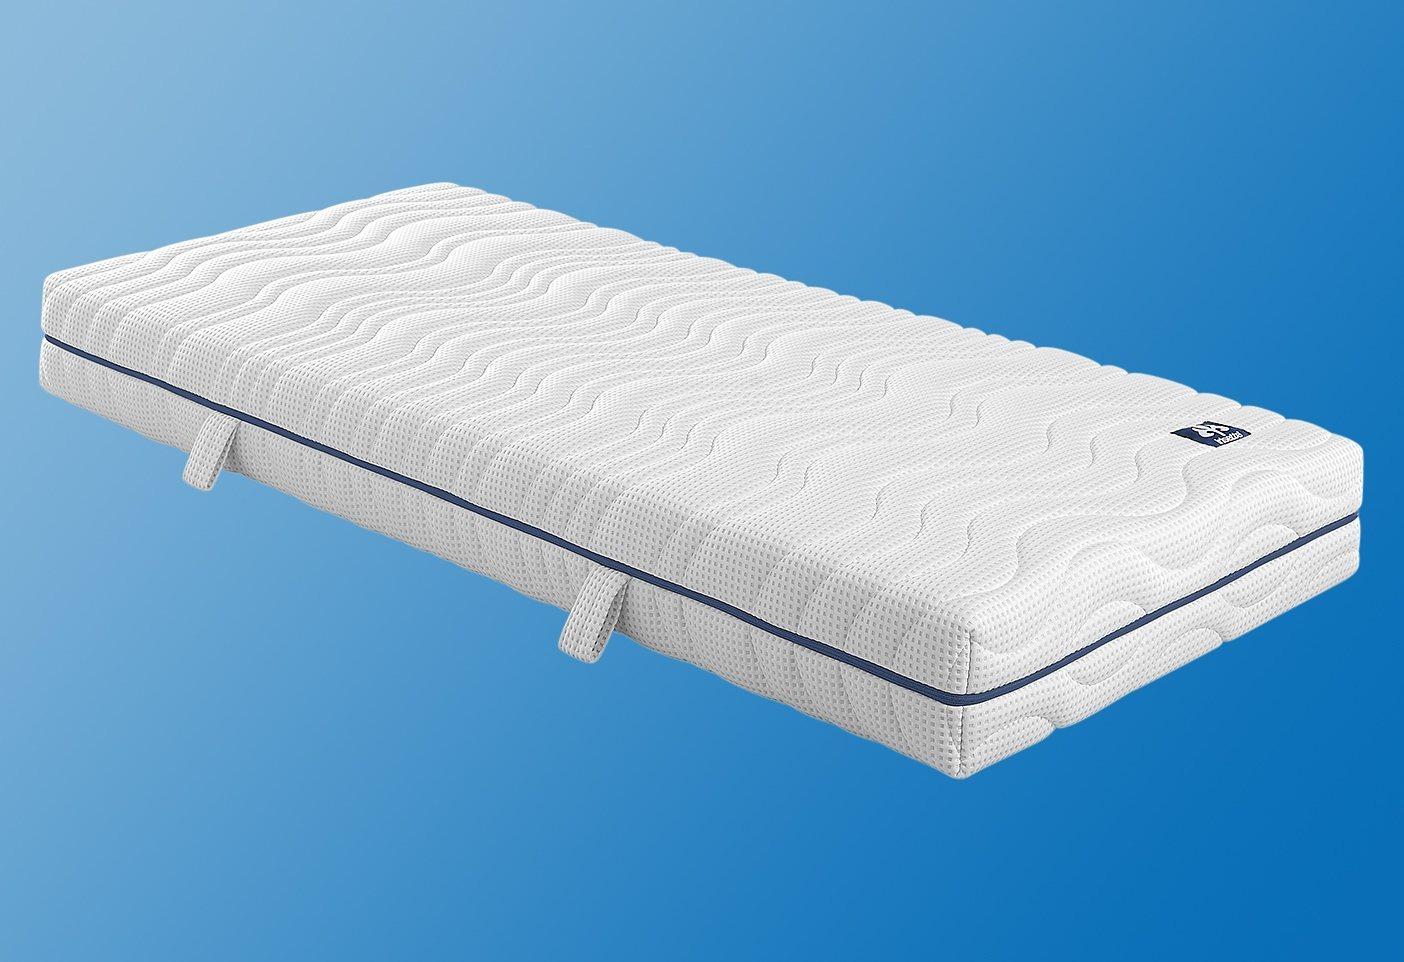 Kaltschaummatratze »Gel-Therm 400«, Irisette, 20 cm hoch, Raumgewicht: 40, (1-tlg) | Schlafzimmer > Matratzen > Kaltschaum-matratzen | Irisette